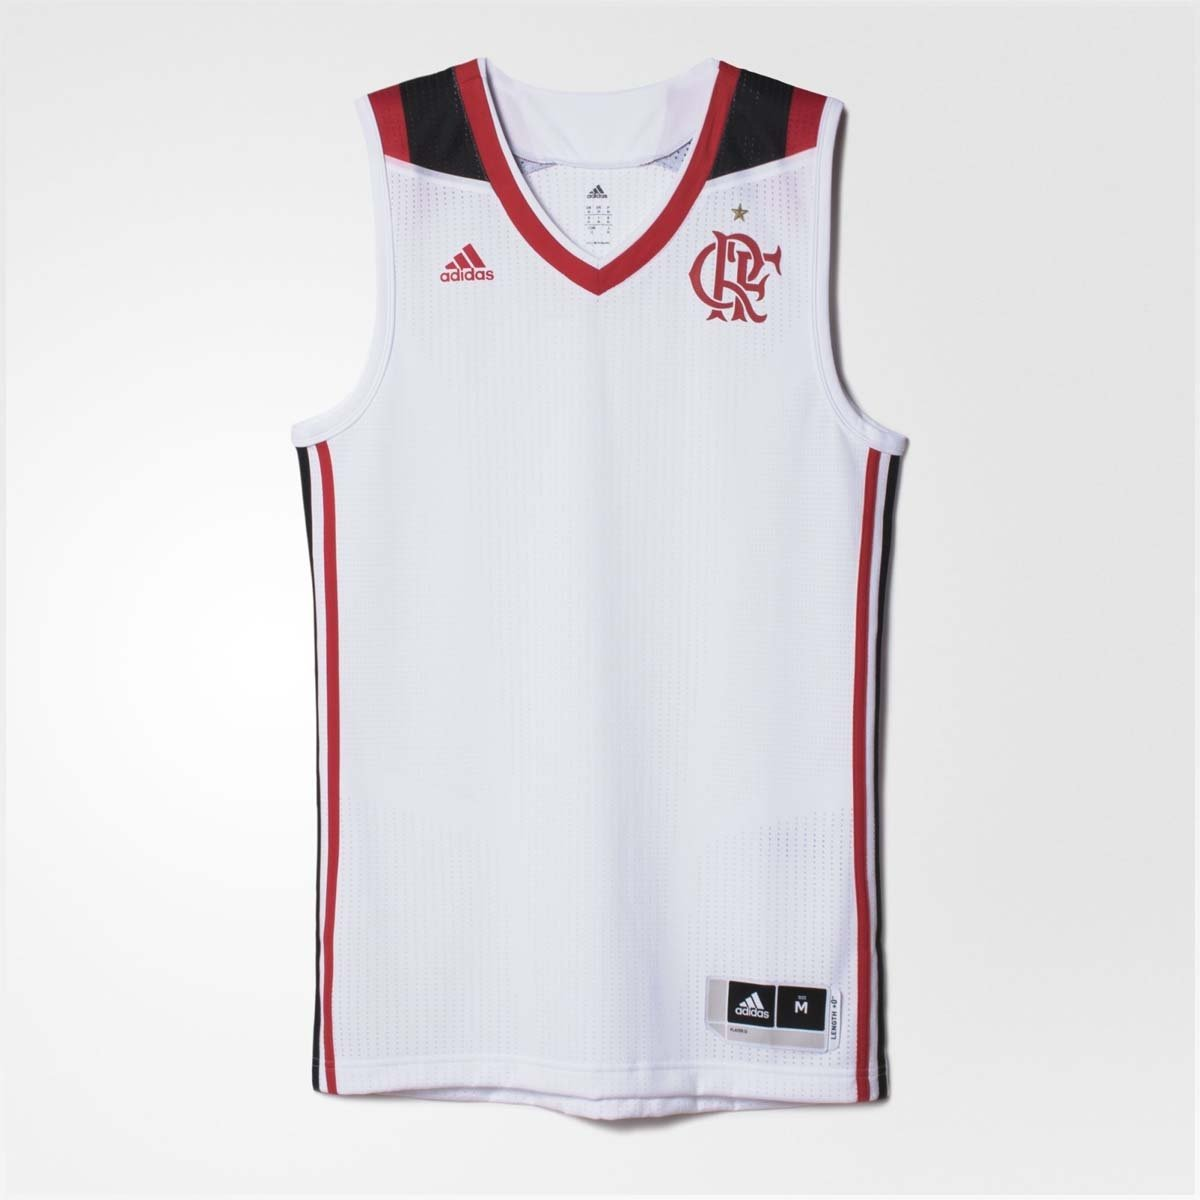 Regata Basquete Flamengo Jogo II Adidas 2016 - Compre Agora  77ff880af5fdc